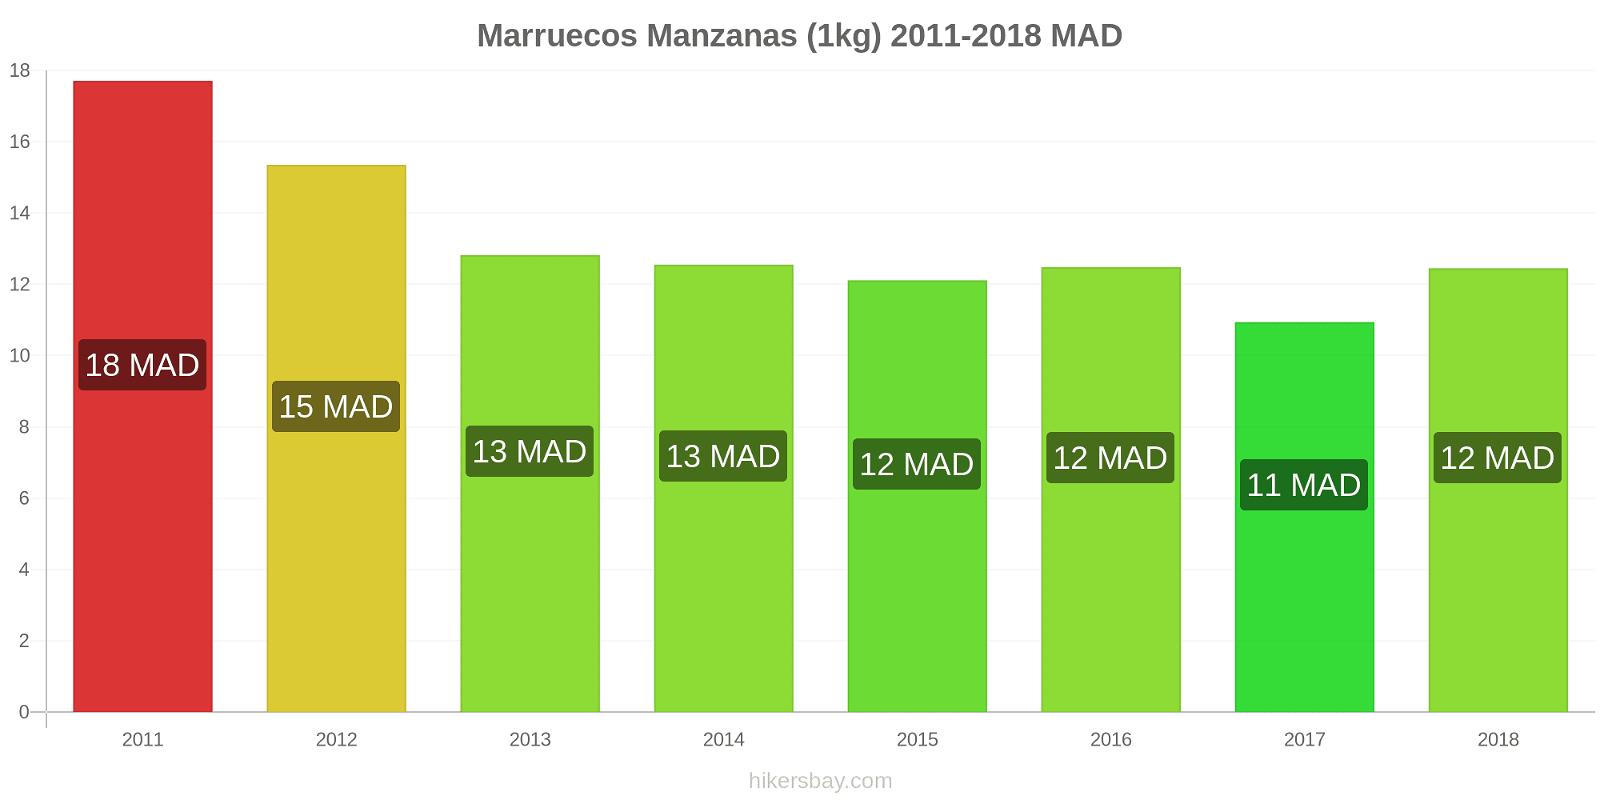 Marruecos cambios de precios Manzanas (1kg) hikersbay.com